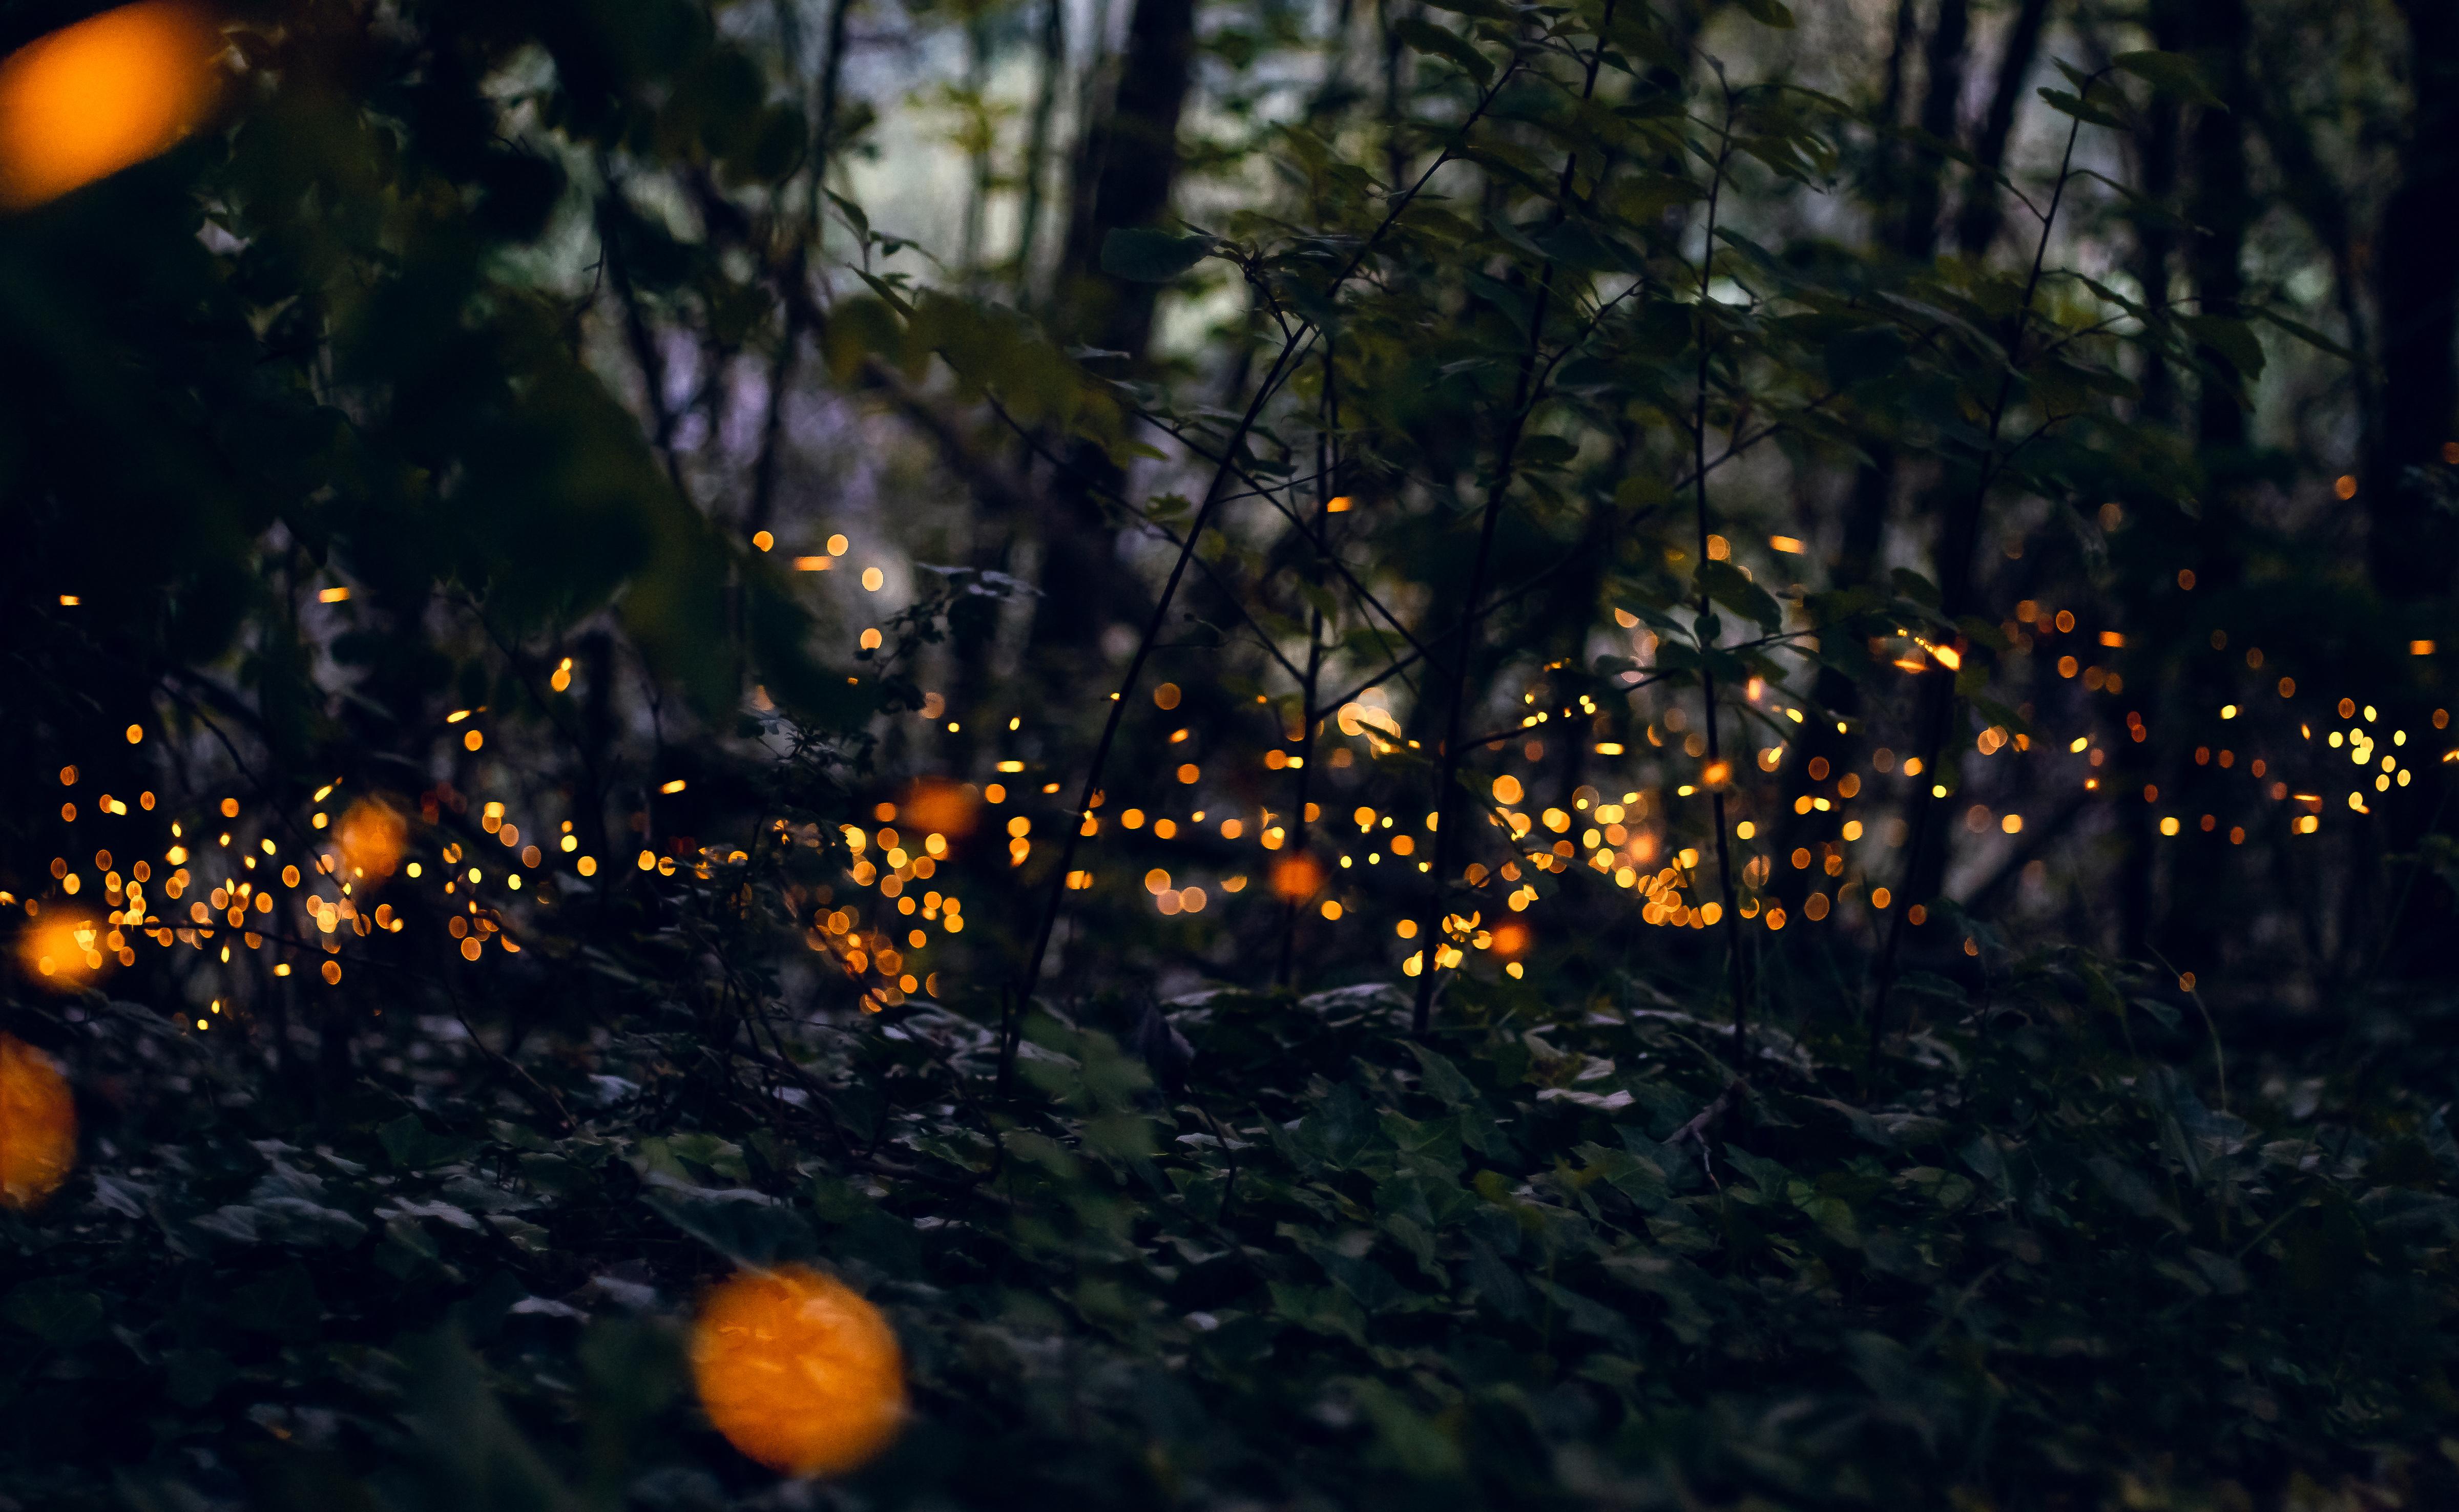 Il parco di Milano in cui si può assistere al magico rito d'amore delle lucciole